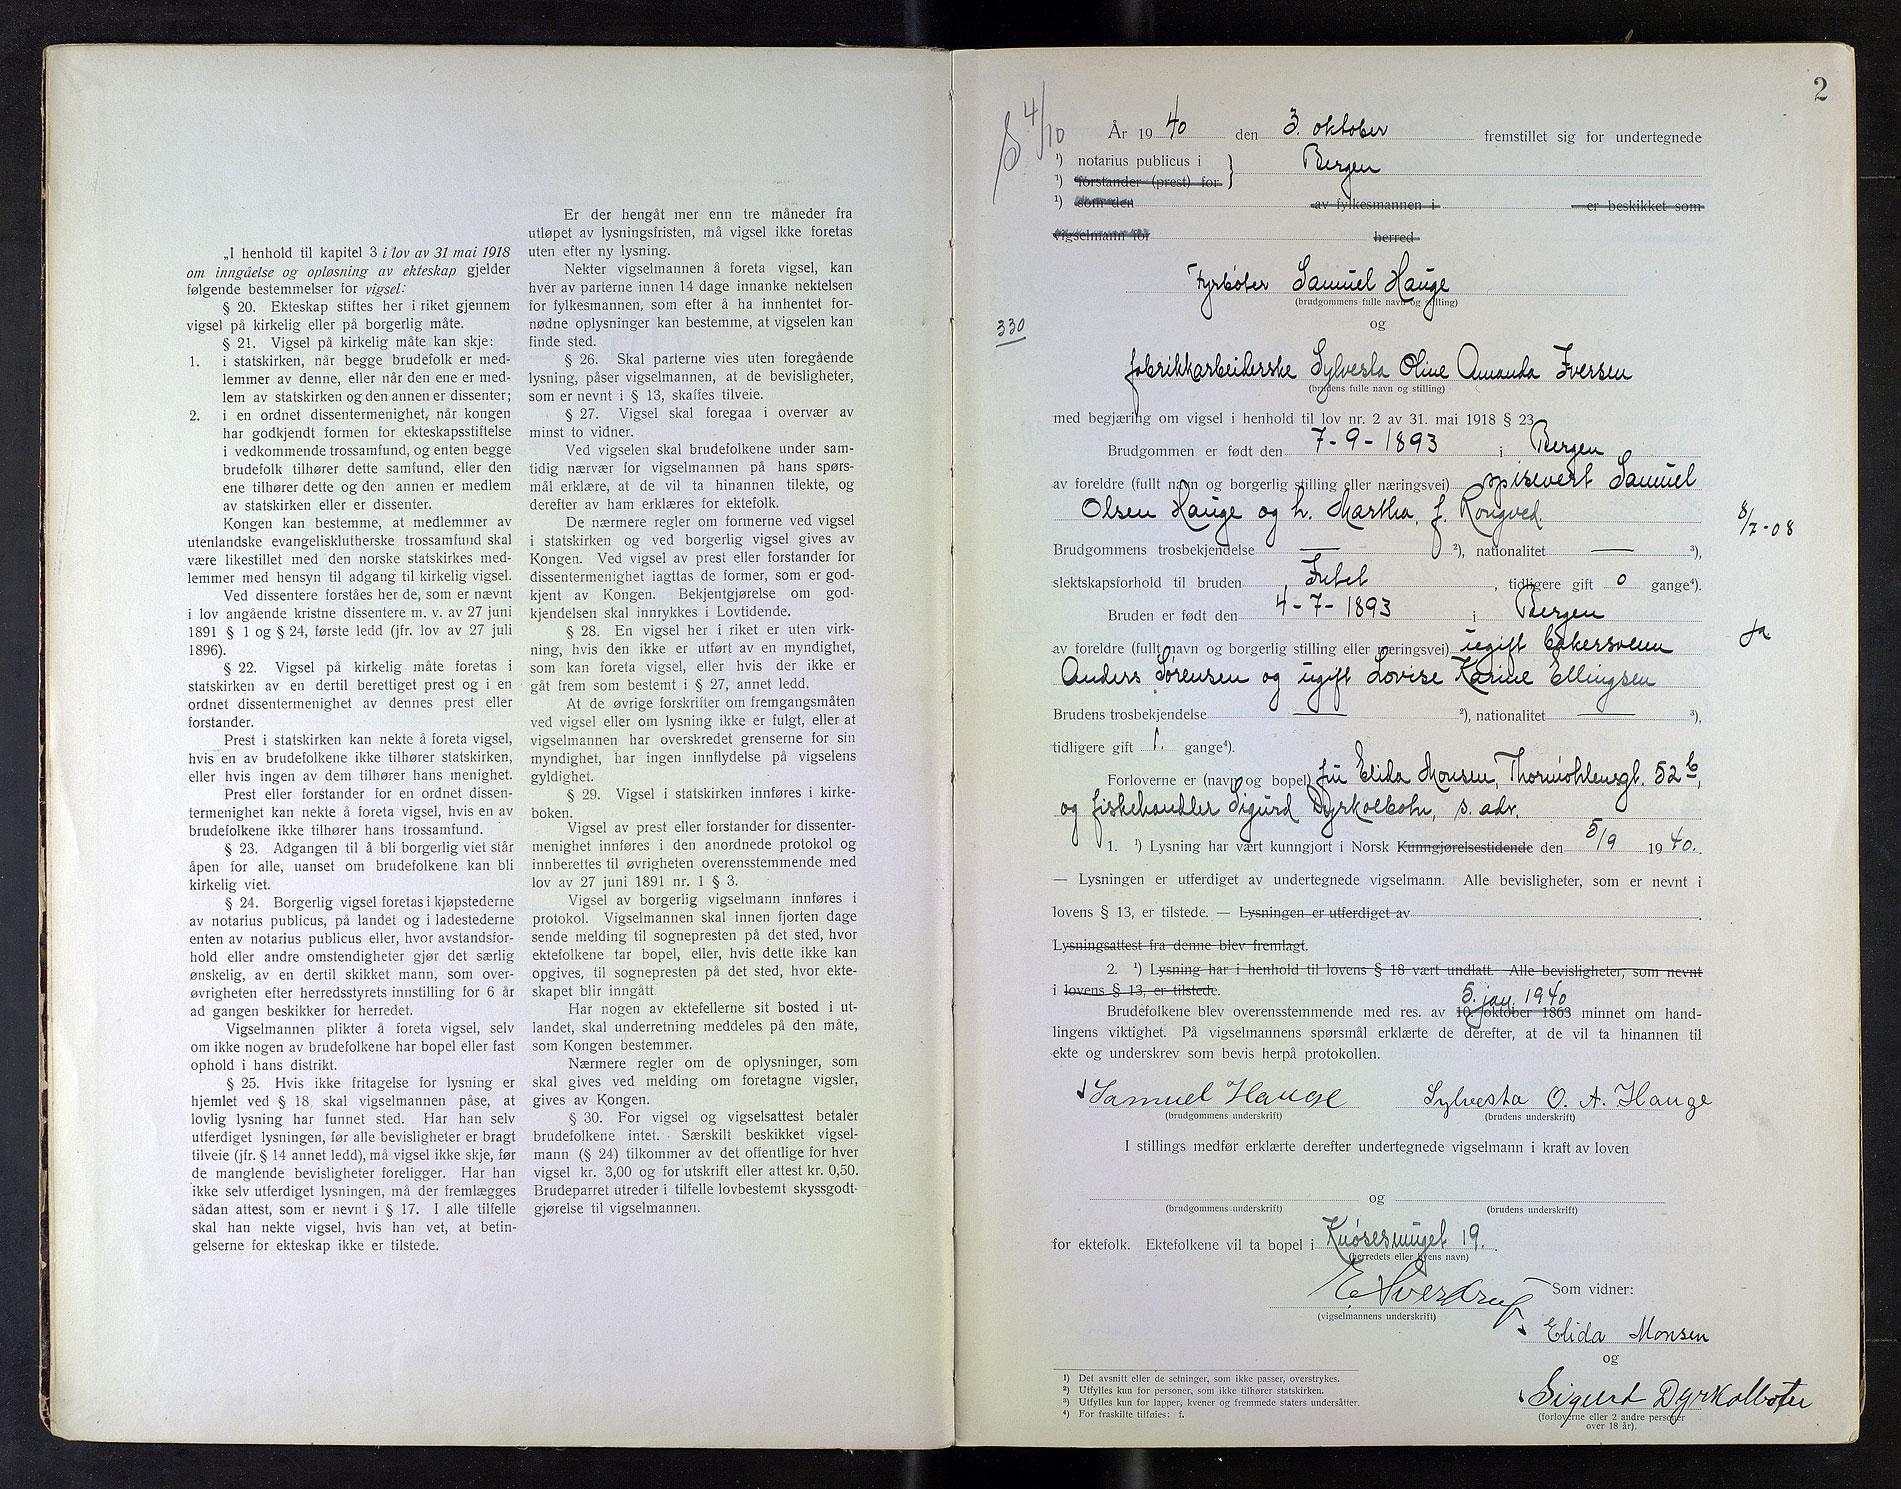 SAB, Byfogd og Byskriver i Bergen, 10/10F/L0018: Vielsesprotokoller, 1940-1941, s. 2